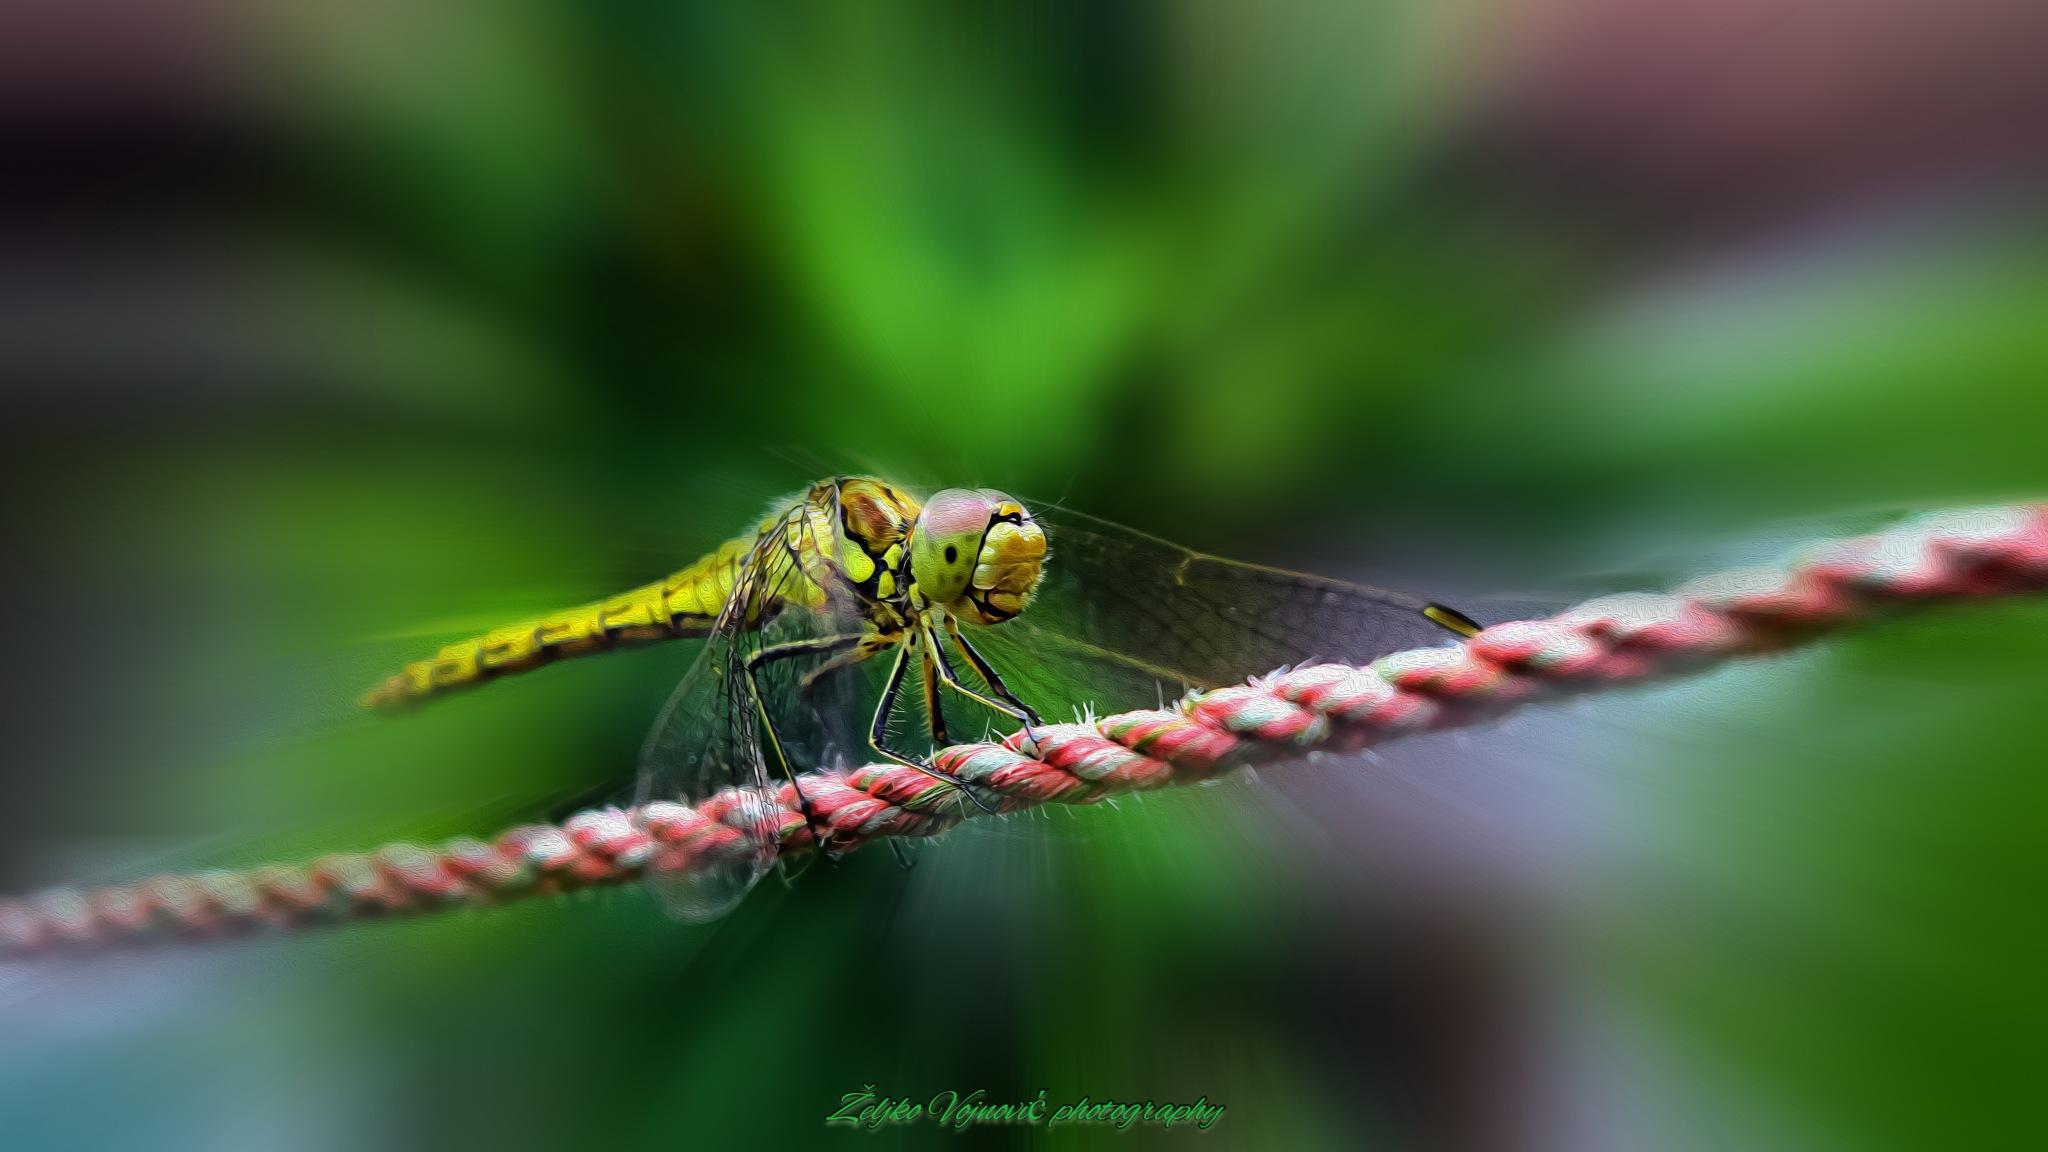 Dragonfly by Željko Vojnović